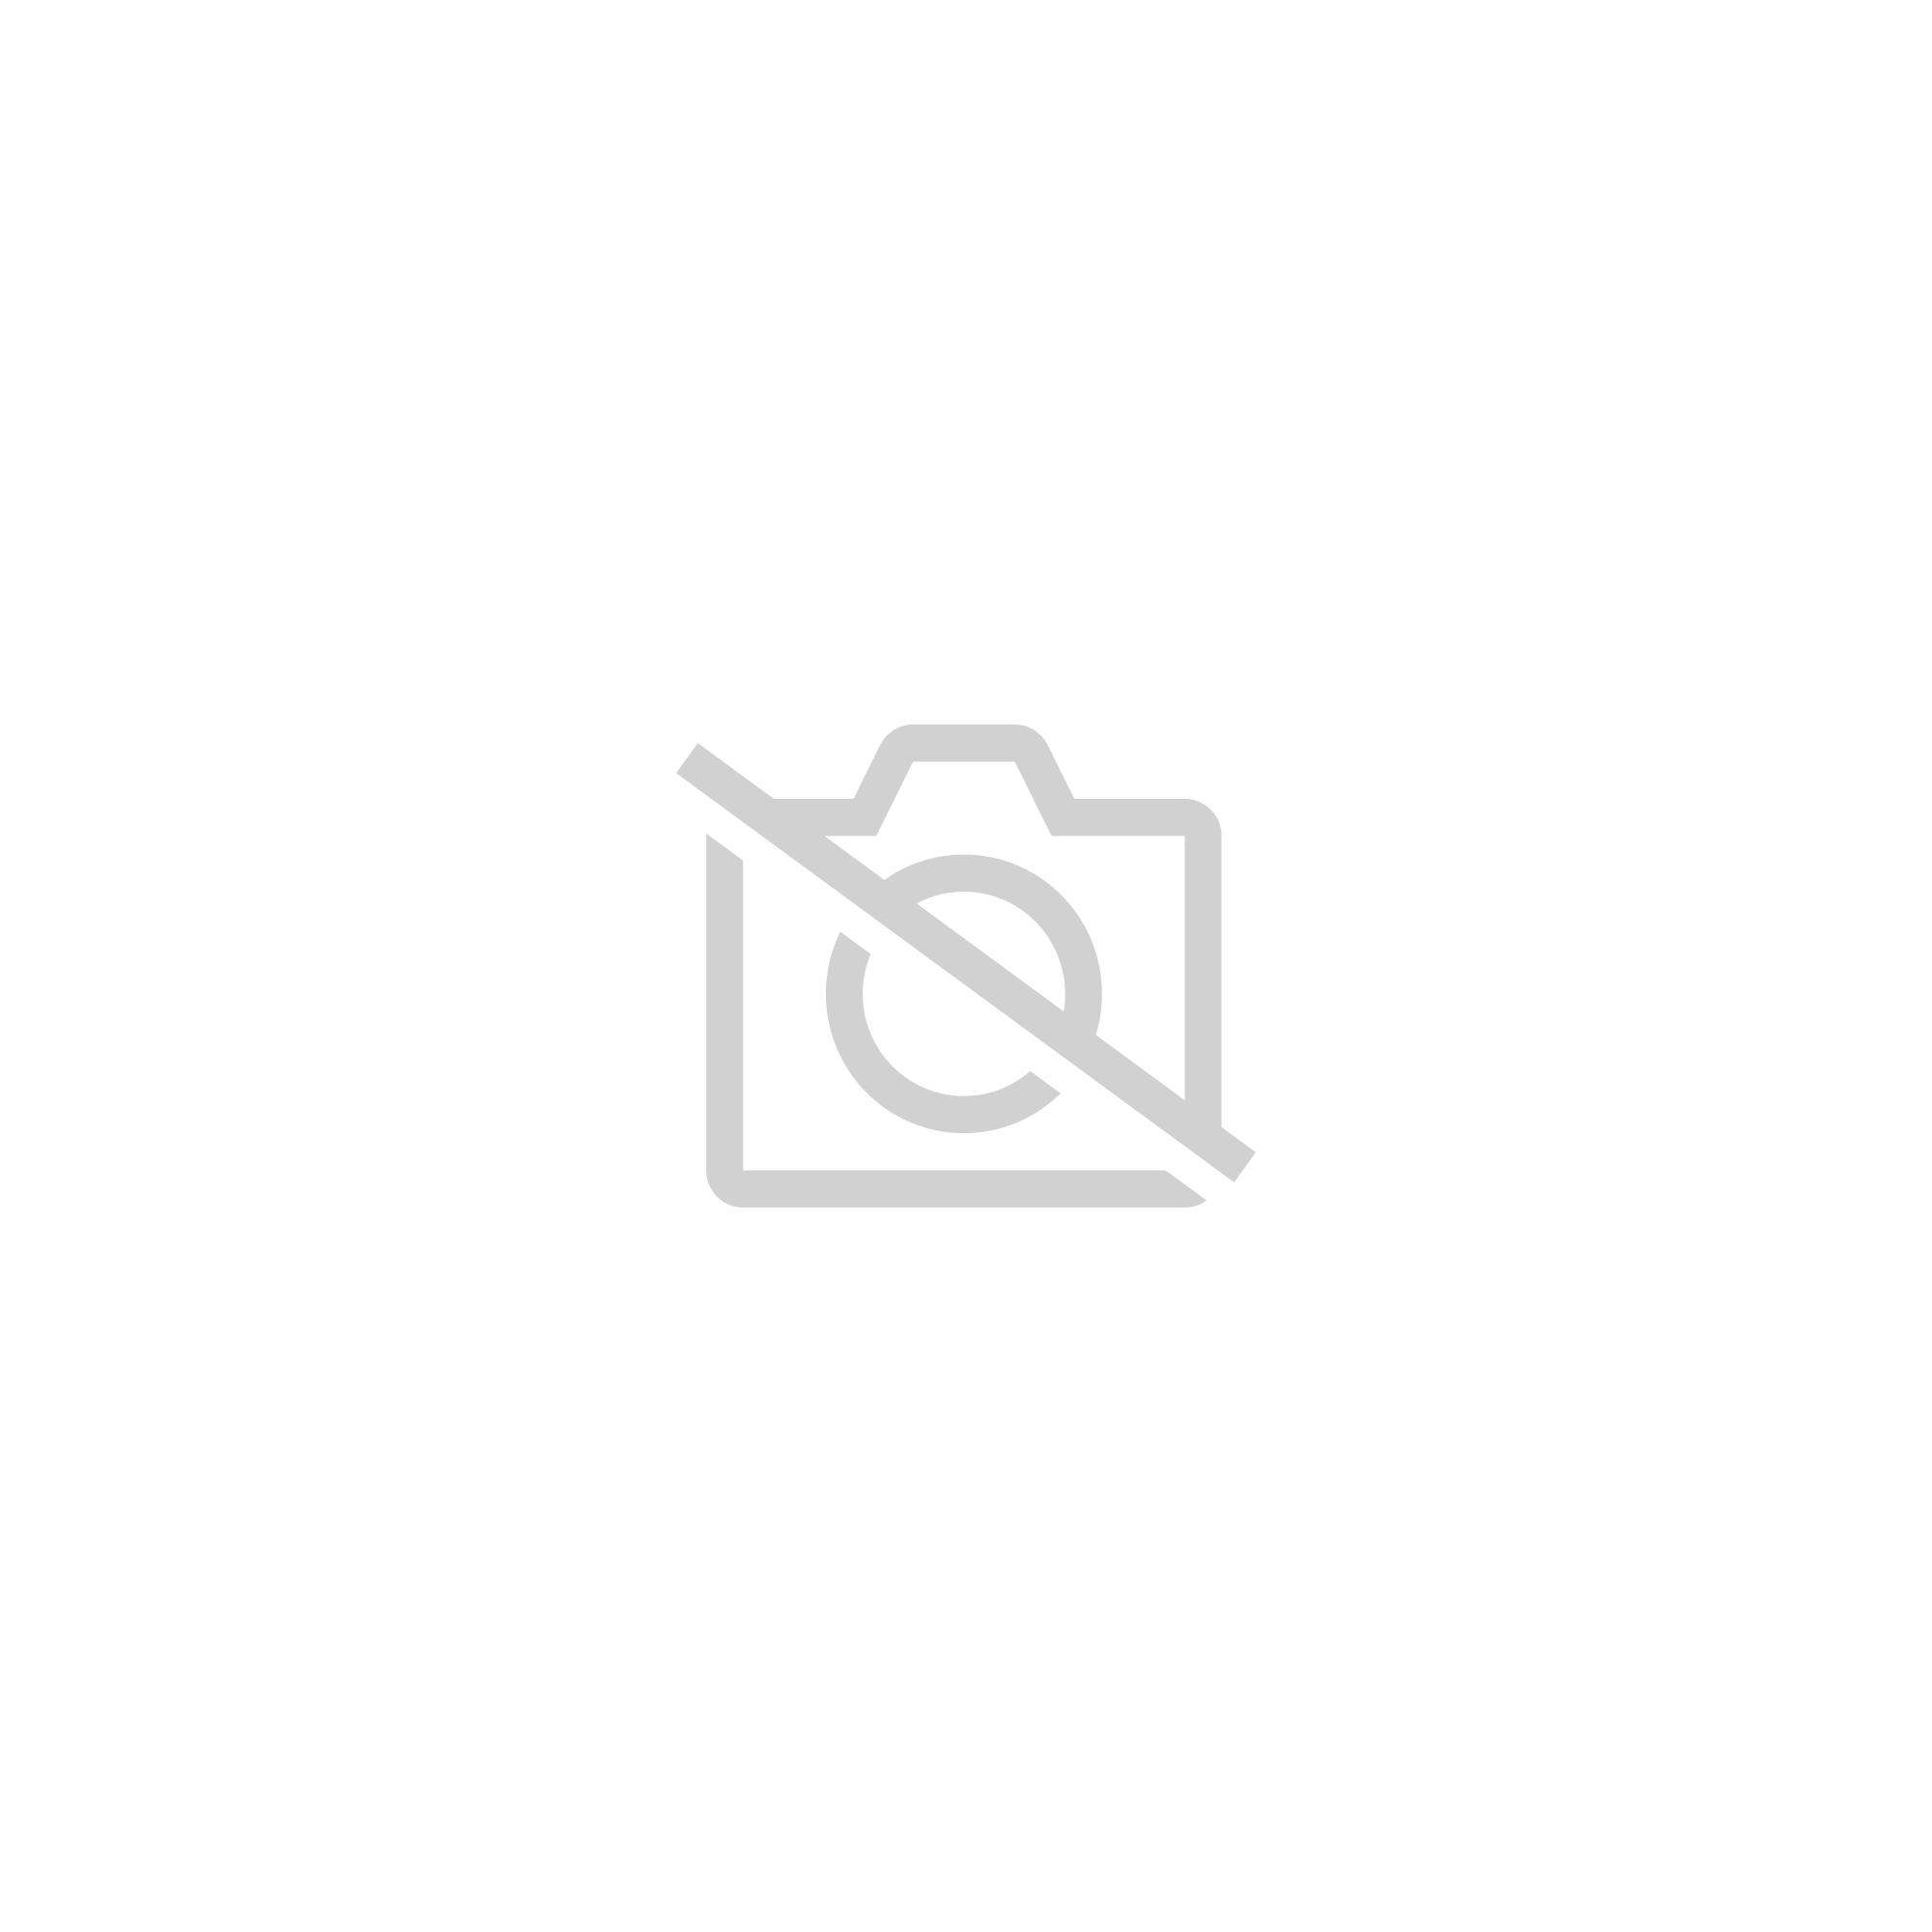 Potentiel ostéopathique cranien de Pierre Reibaud